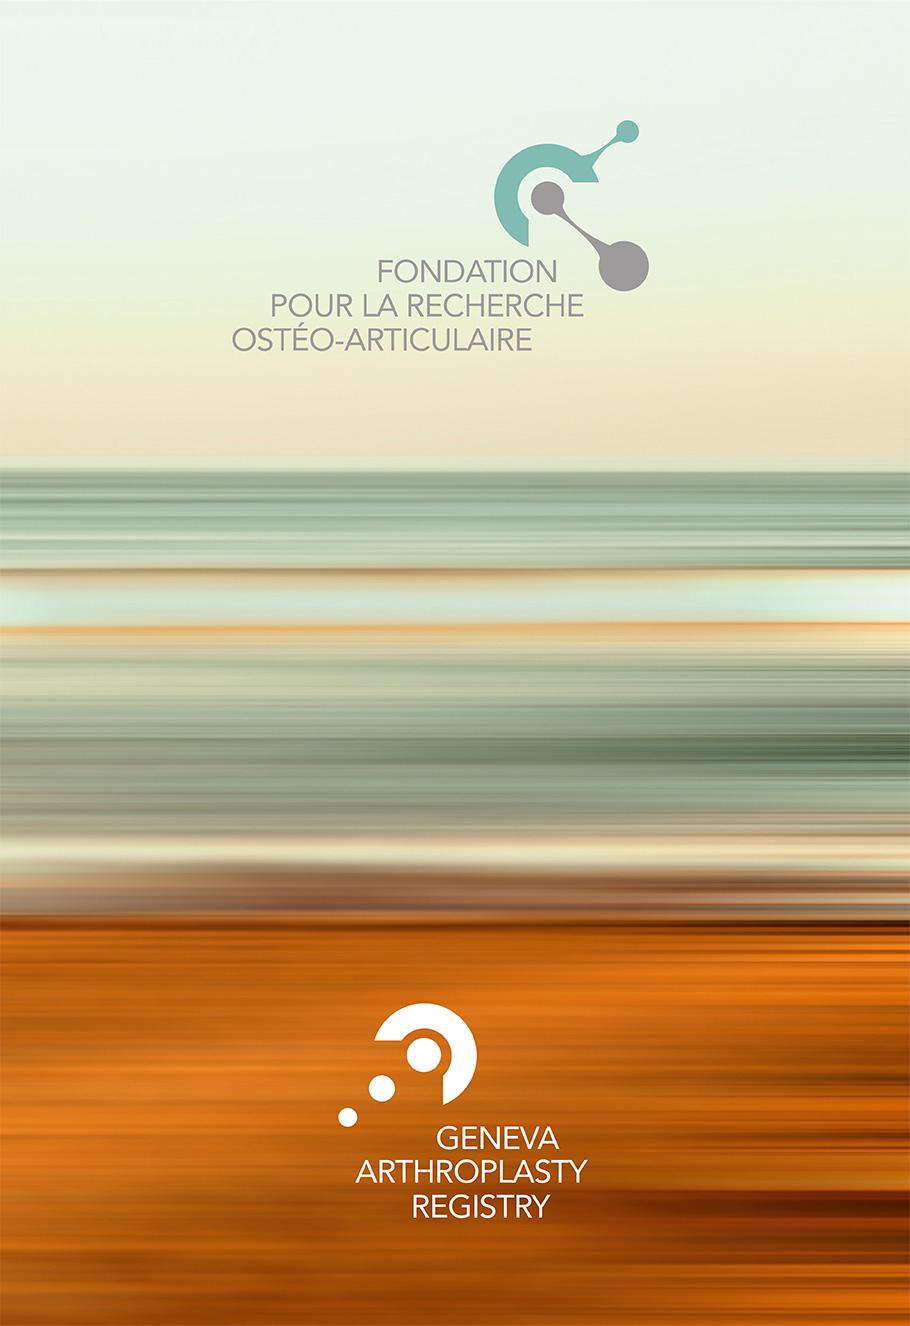 Jahresbericht Fondation pour la recherche ostéo-articulaire in der Universitätsklinik, Genf